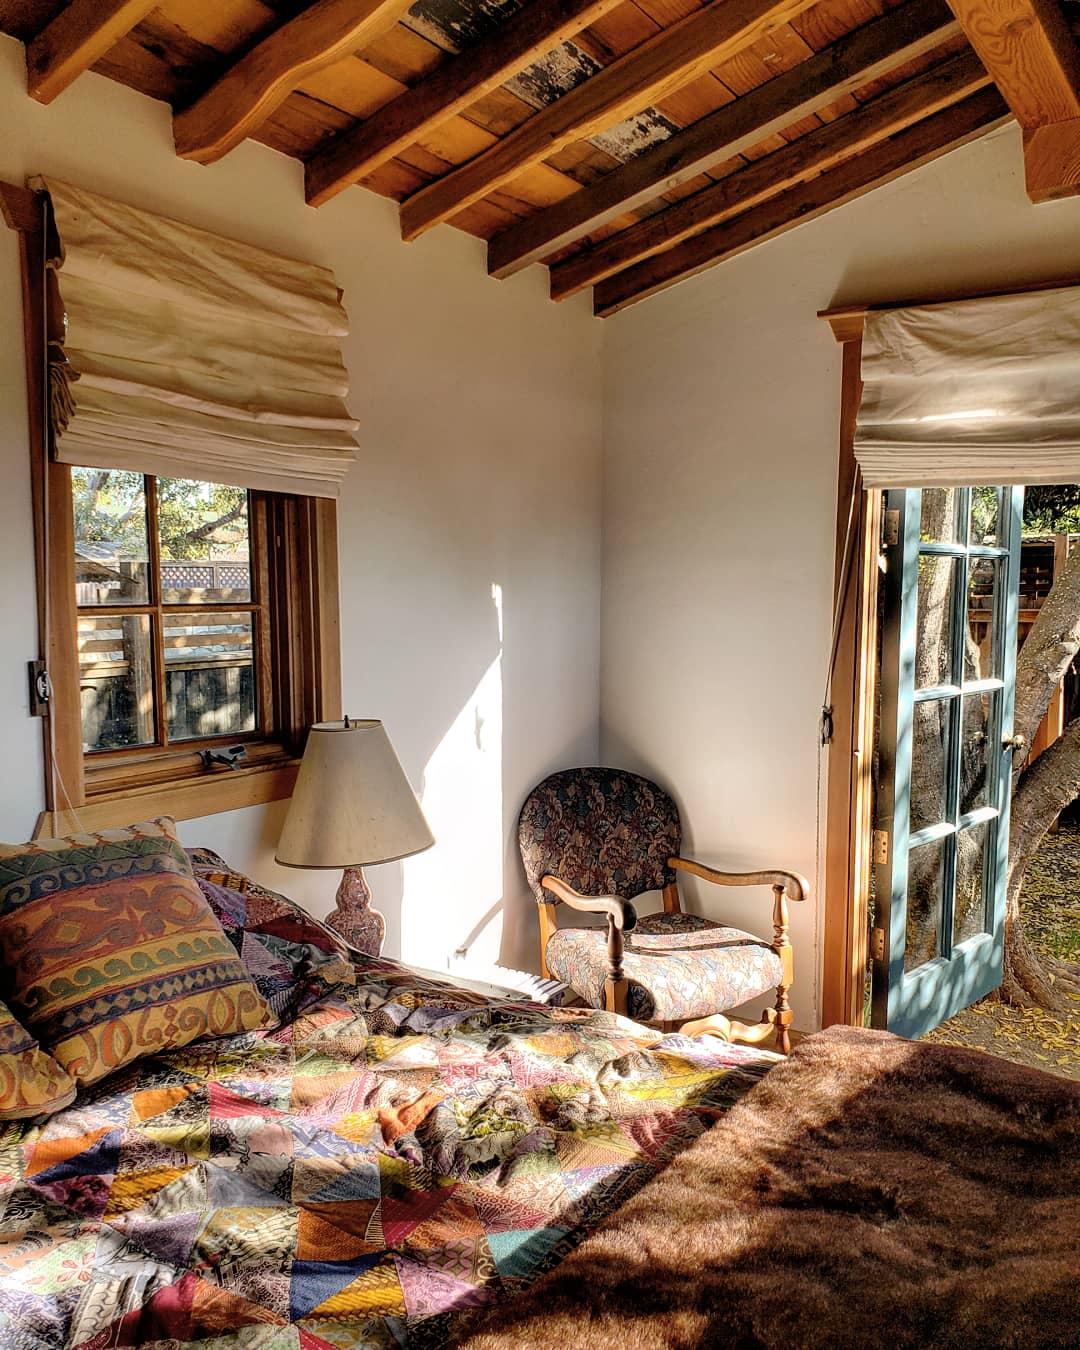 Los-alamos-hipcamp-bedroom